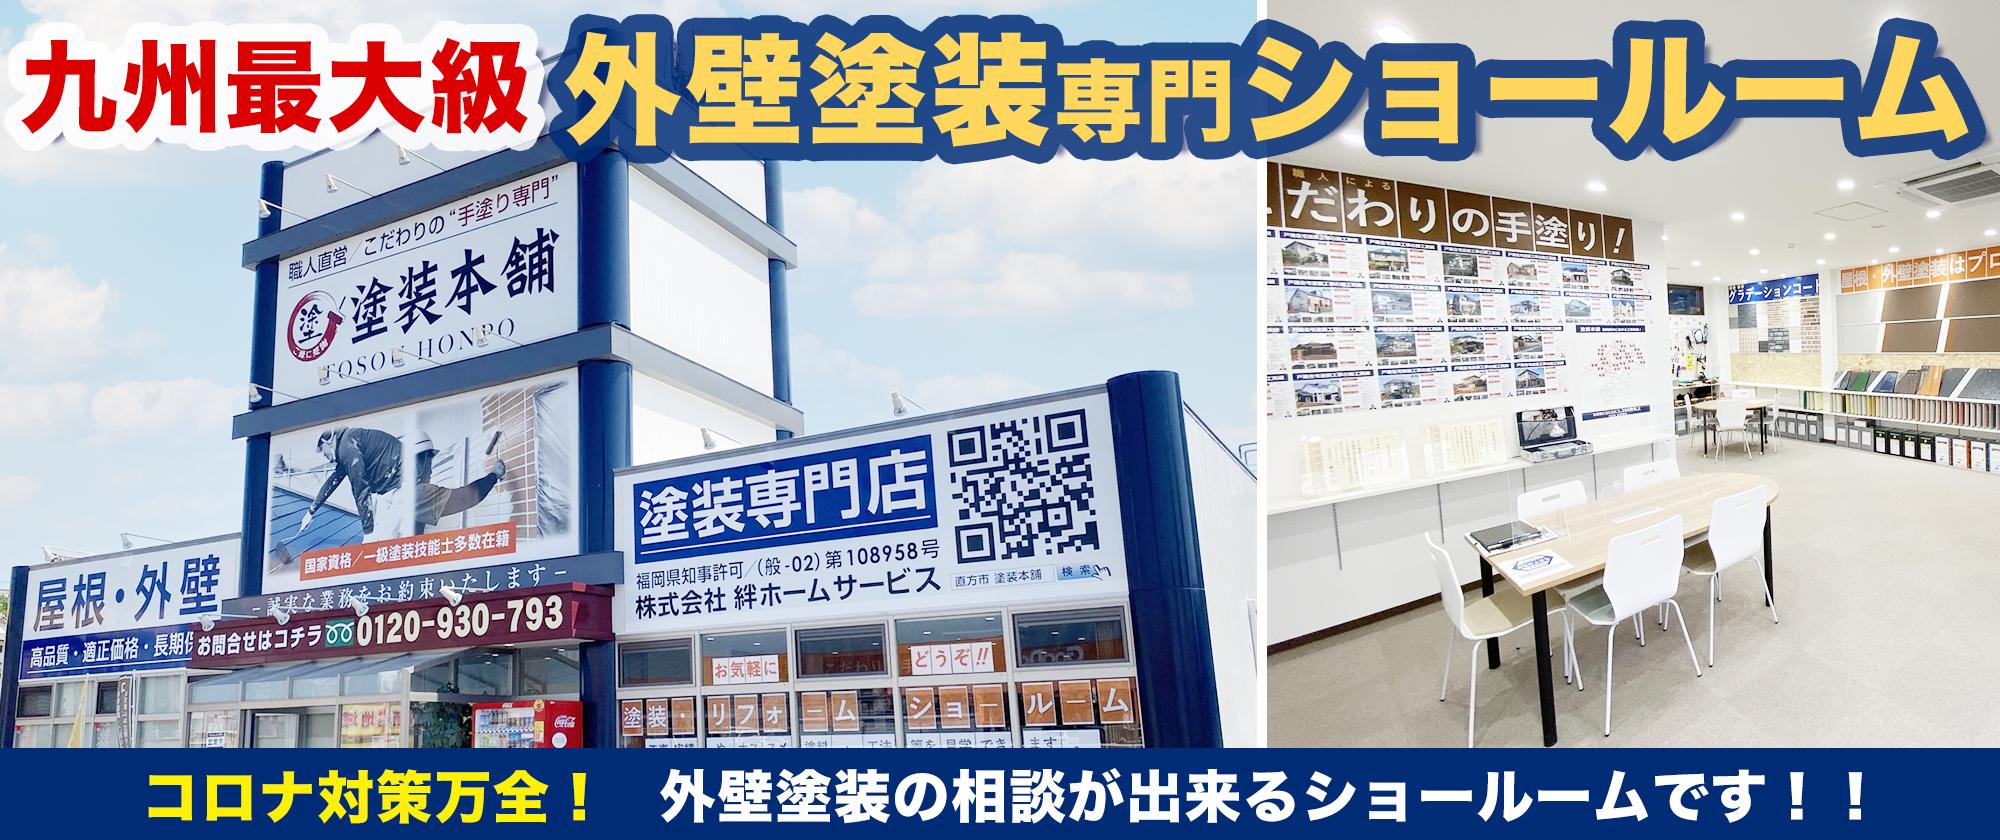 福岡県直方市に県内最大級の塗装ショールームオープン!